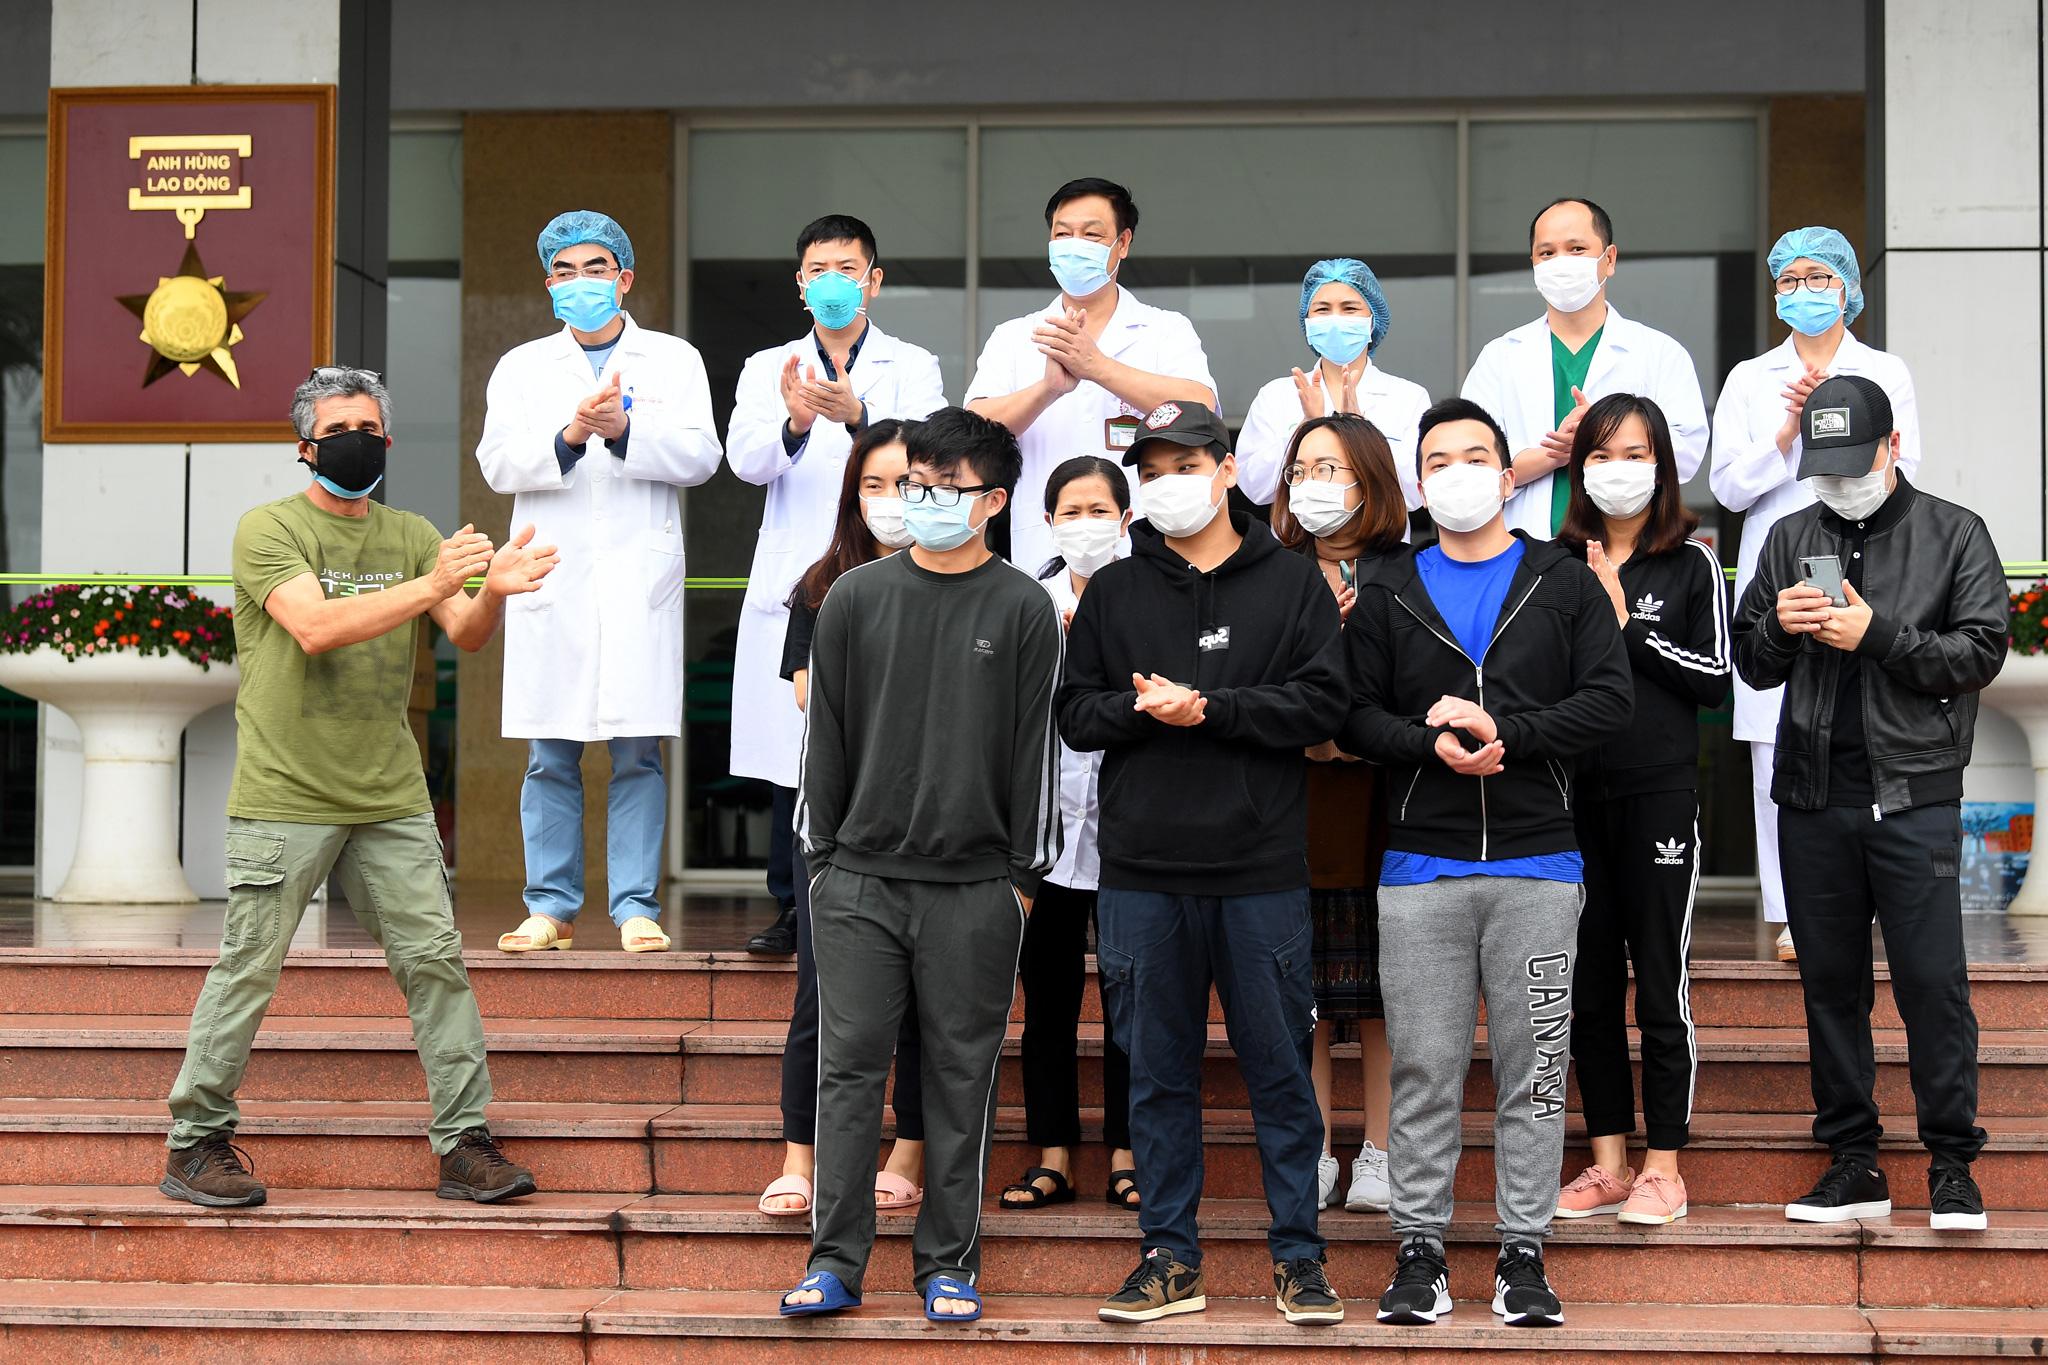 Bệnh nhân người Pháp vỗ tay không ngớt bày tỏ cảm ơn, khen ngợi bác sĩ Việt Nam trong ngày ra viện - Ảnh 1.